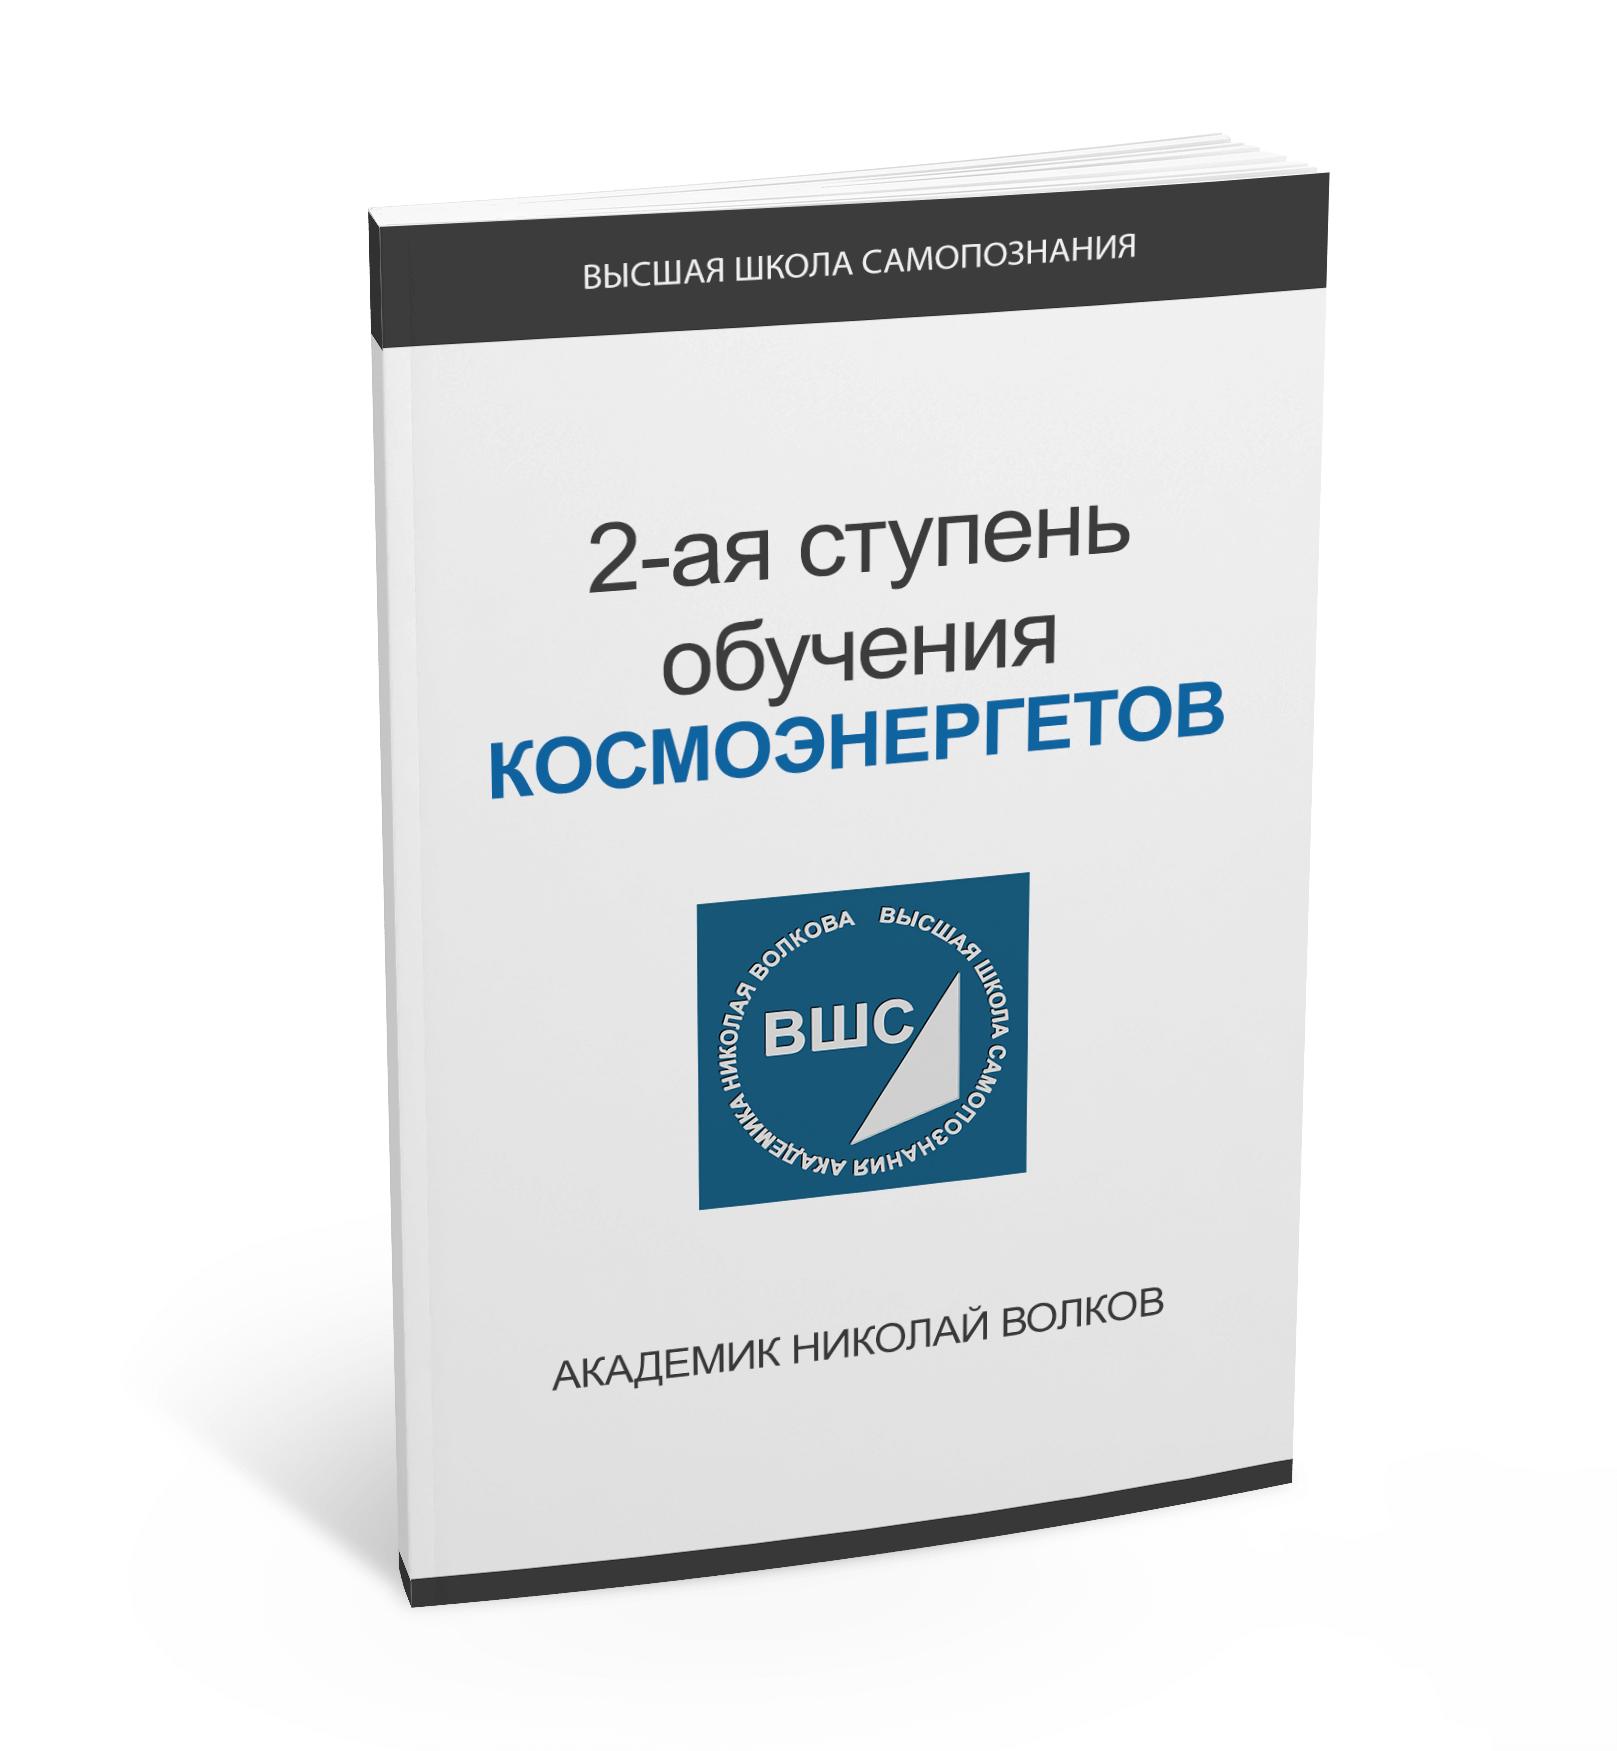 2-ая ступень обучения Космоэнергетов